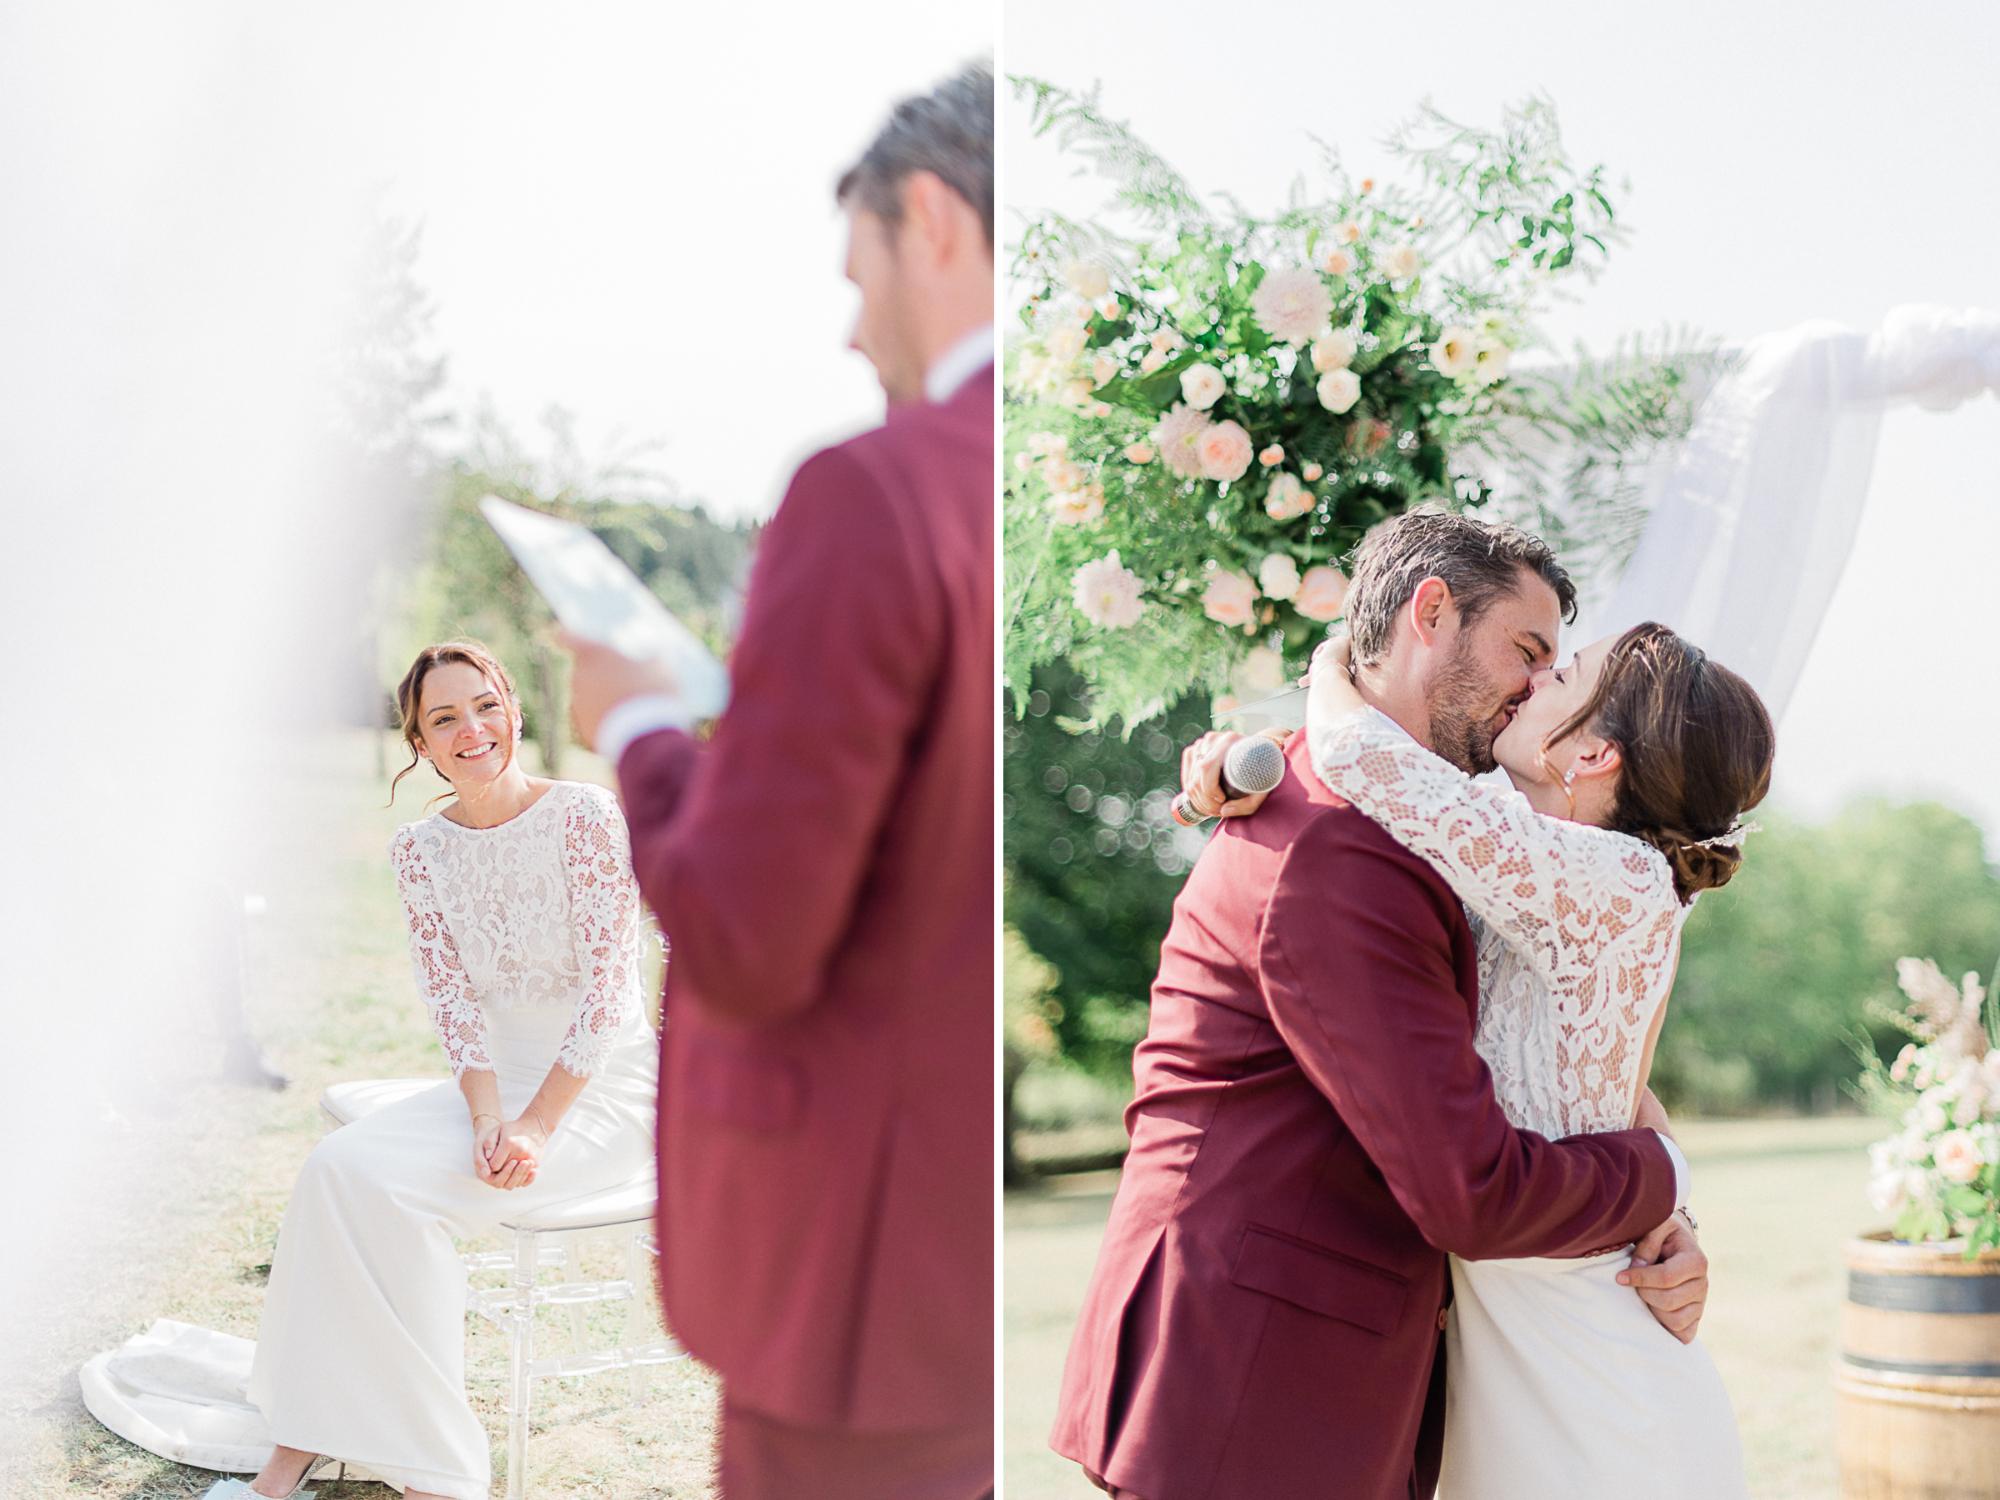 priscillapuzenat-photographe-mariage-bazoches-chateau-nievre-morvan-bourgogne-ceremonie-laique-exterieur